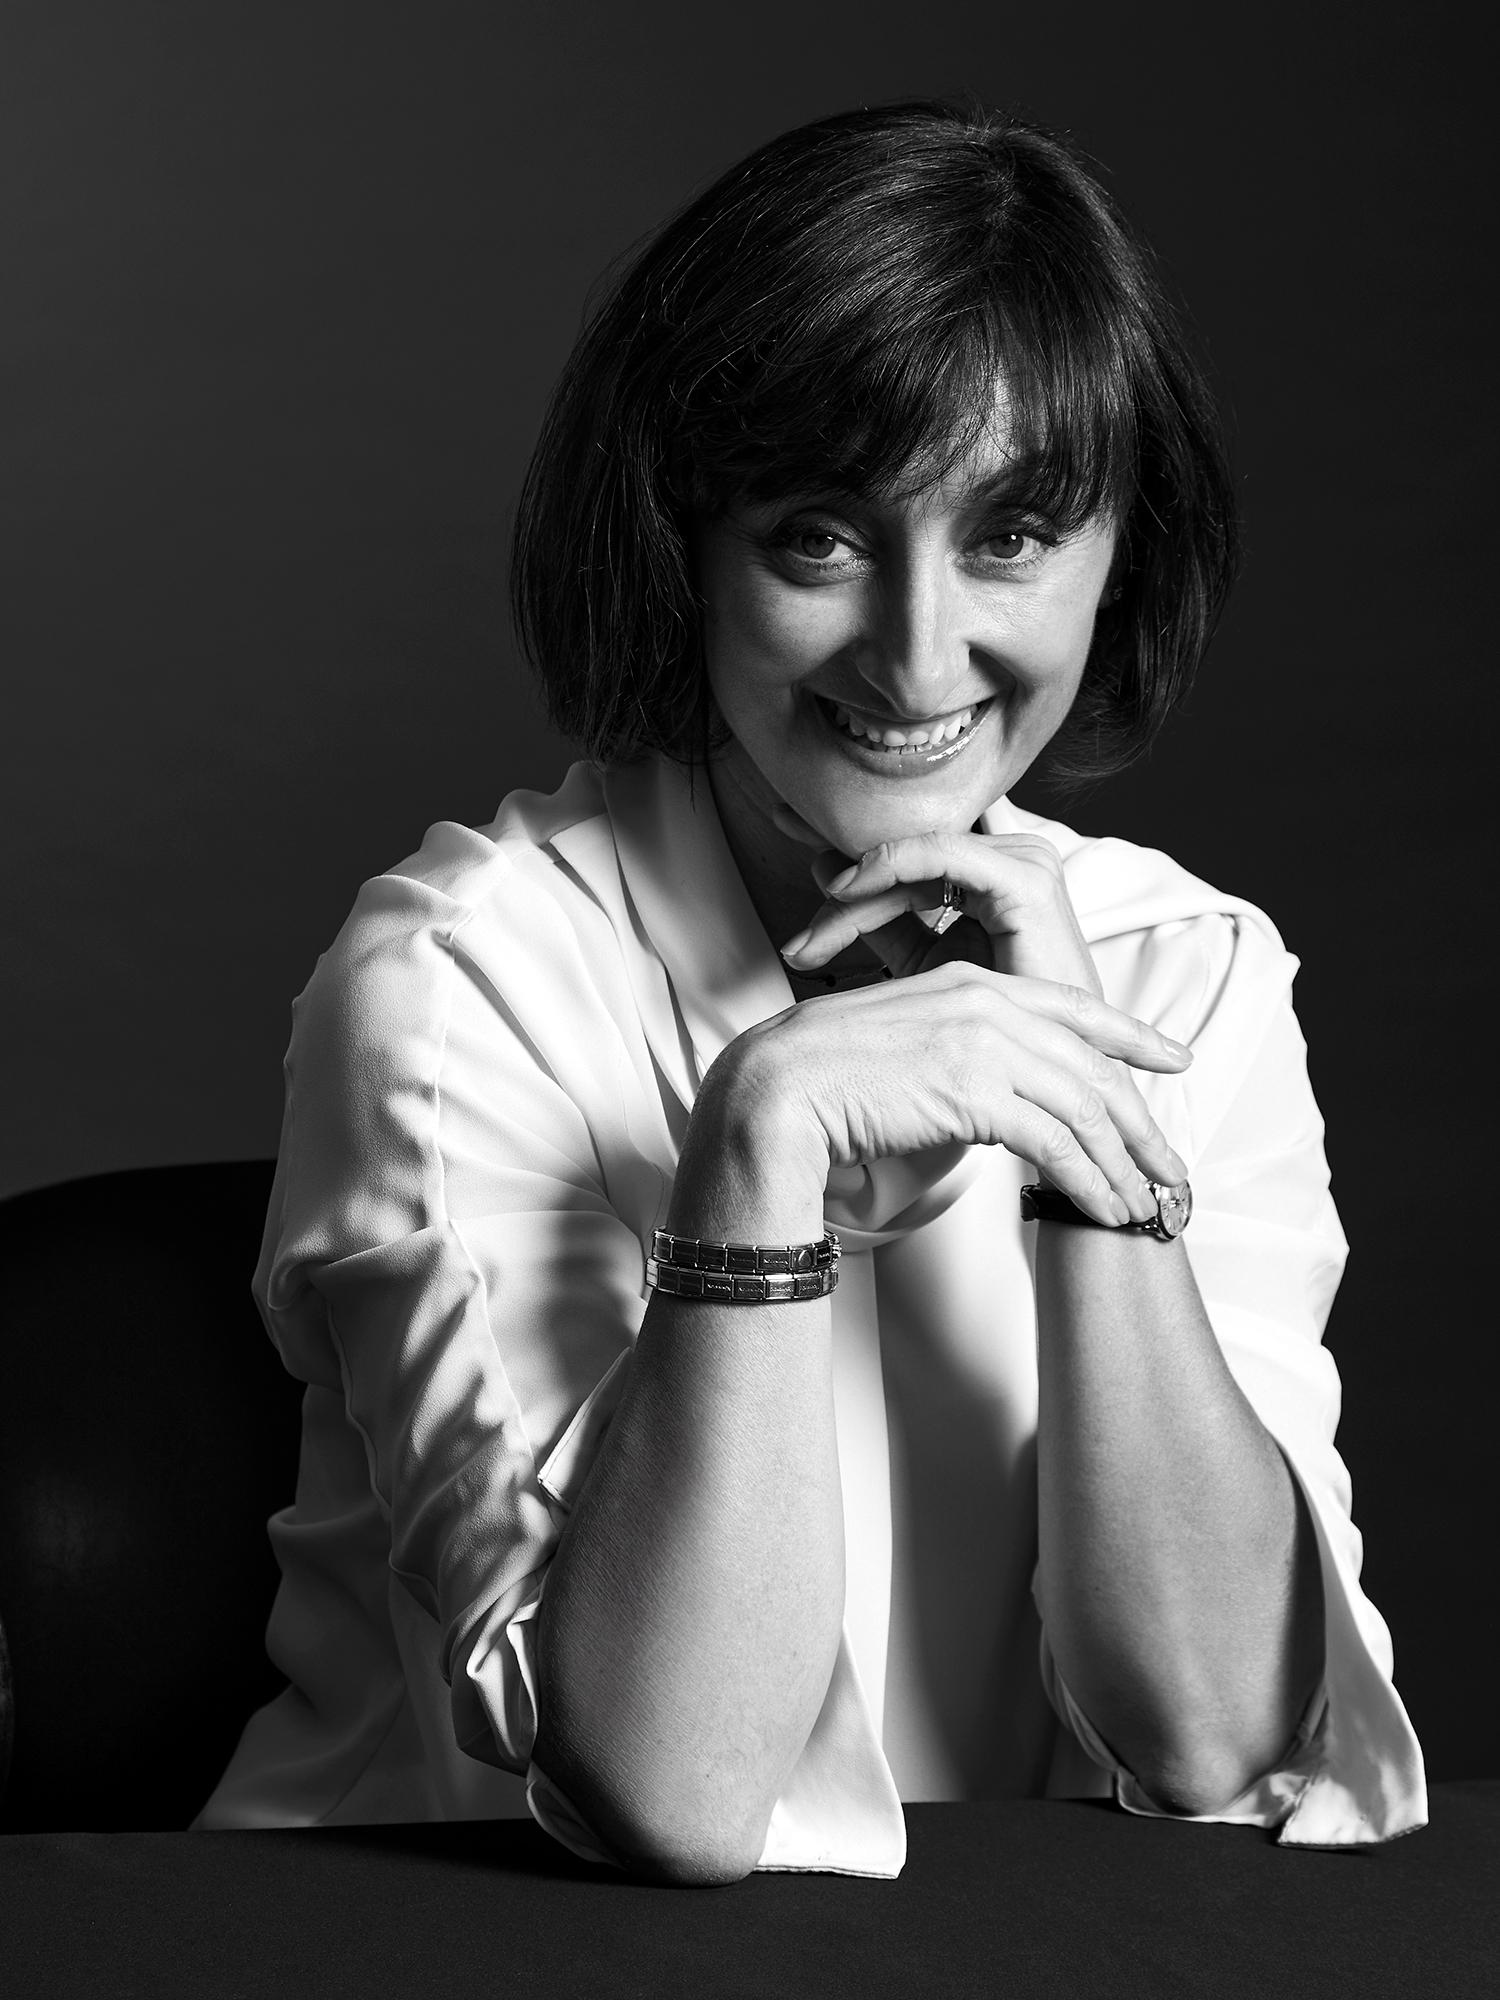 Silvia Colombo, Glasford International Italy